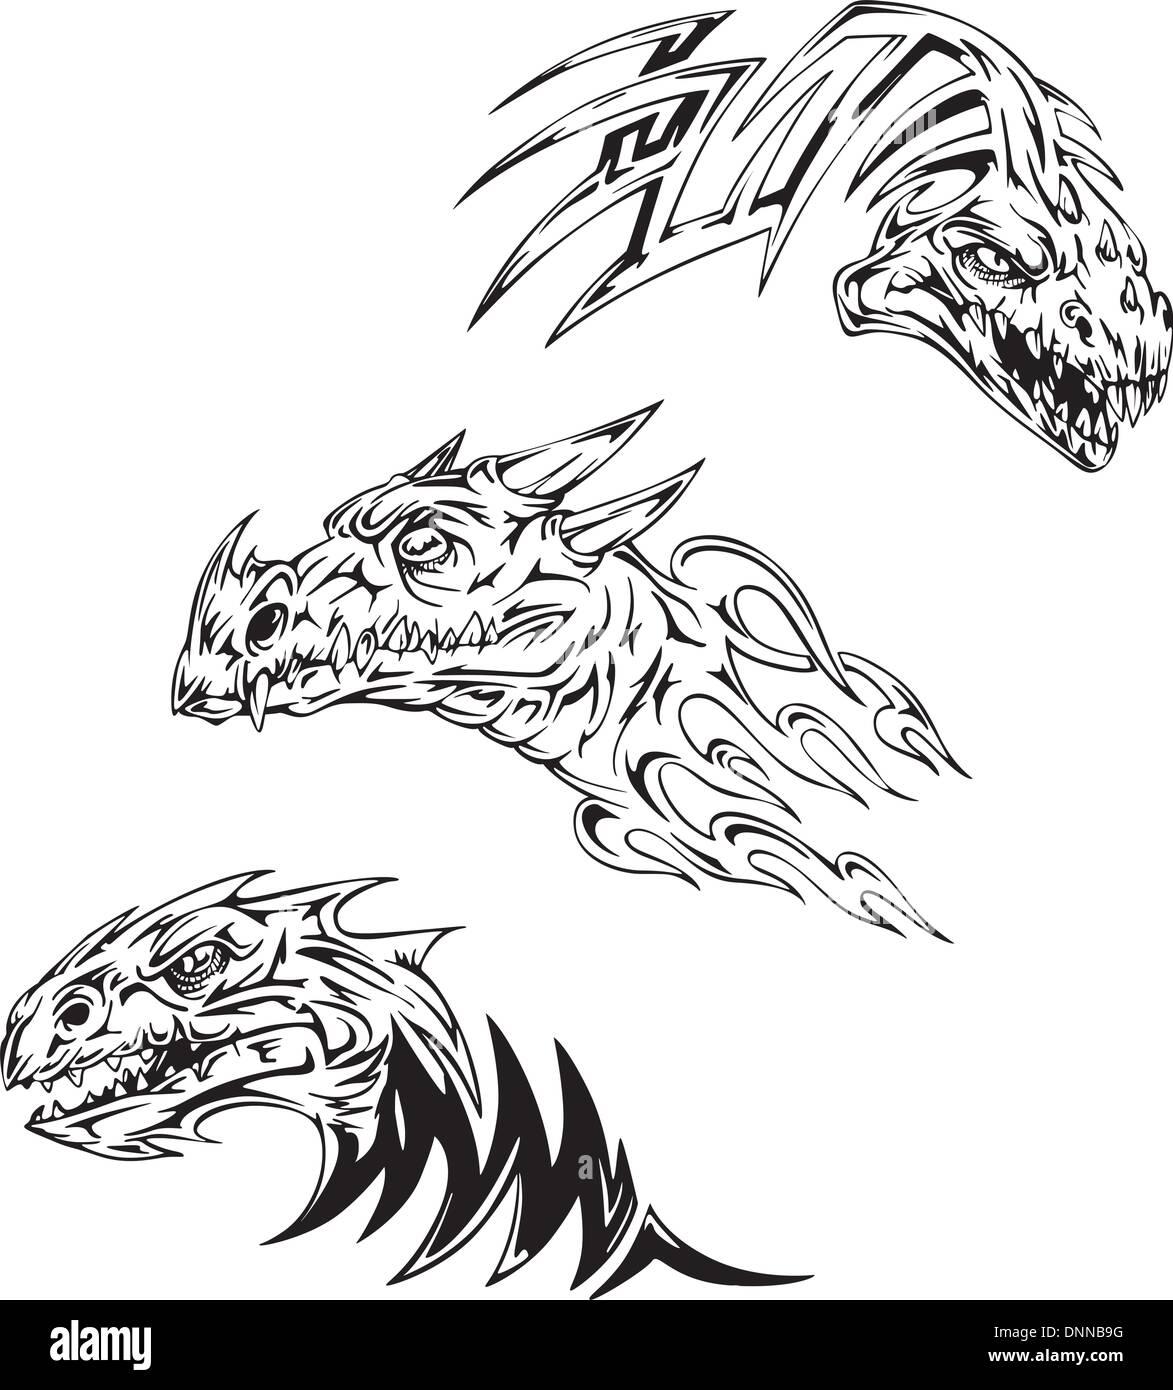 Tatuajes De Dinosaurios Conjunto De Ilustraciones Vectoriales En Blanco Y Negro Imagen Vector De Stock Alamy Las peores fotos con los tatuajes más feos del mundo del tattoo, humor, fails de tatuajes malos y feos. https www alamy es tatuajes de dinosaurios conjunto de ilustraciones vectoriales en blanco y negro image65008764 html